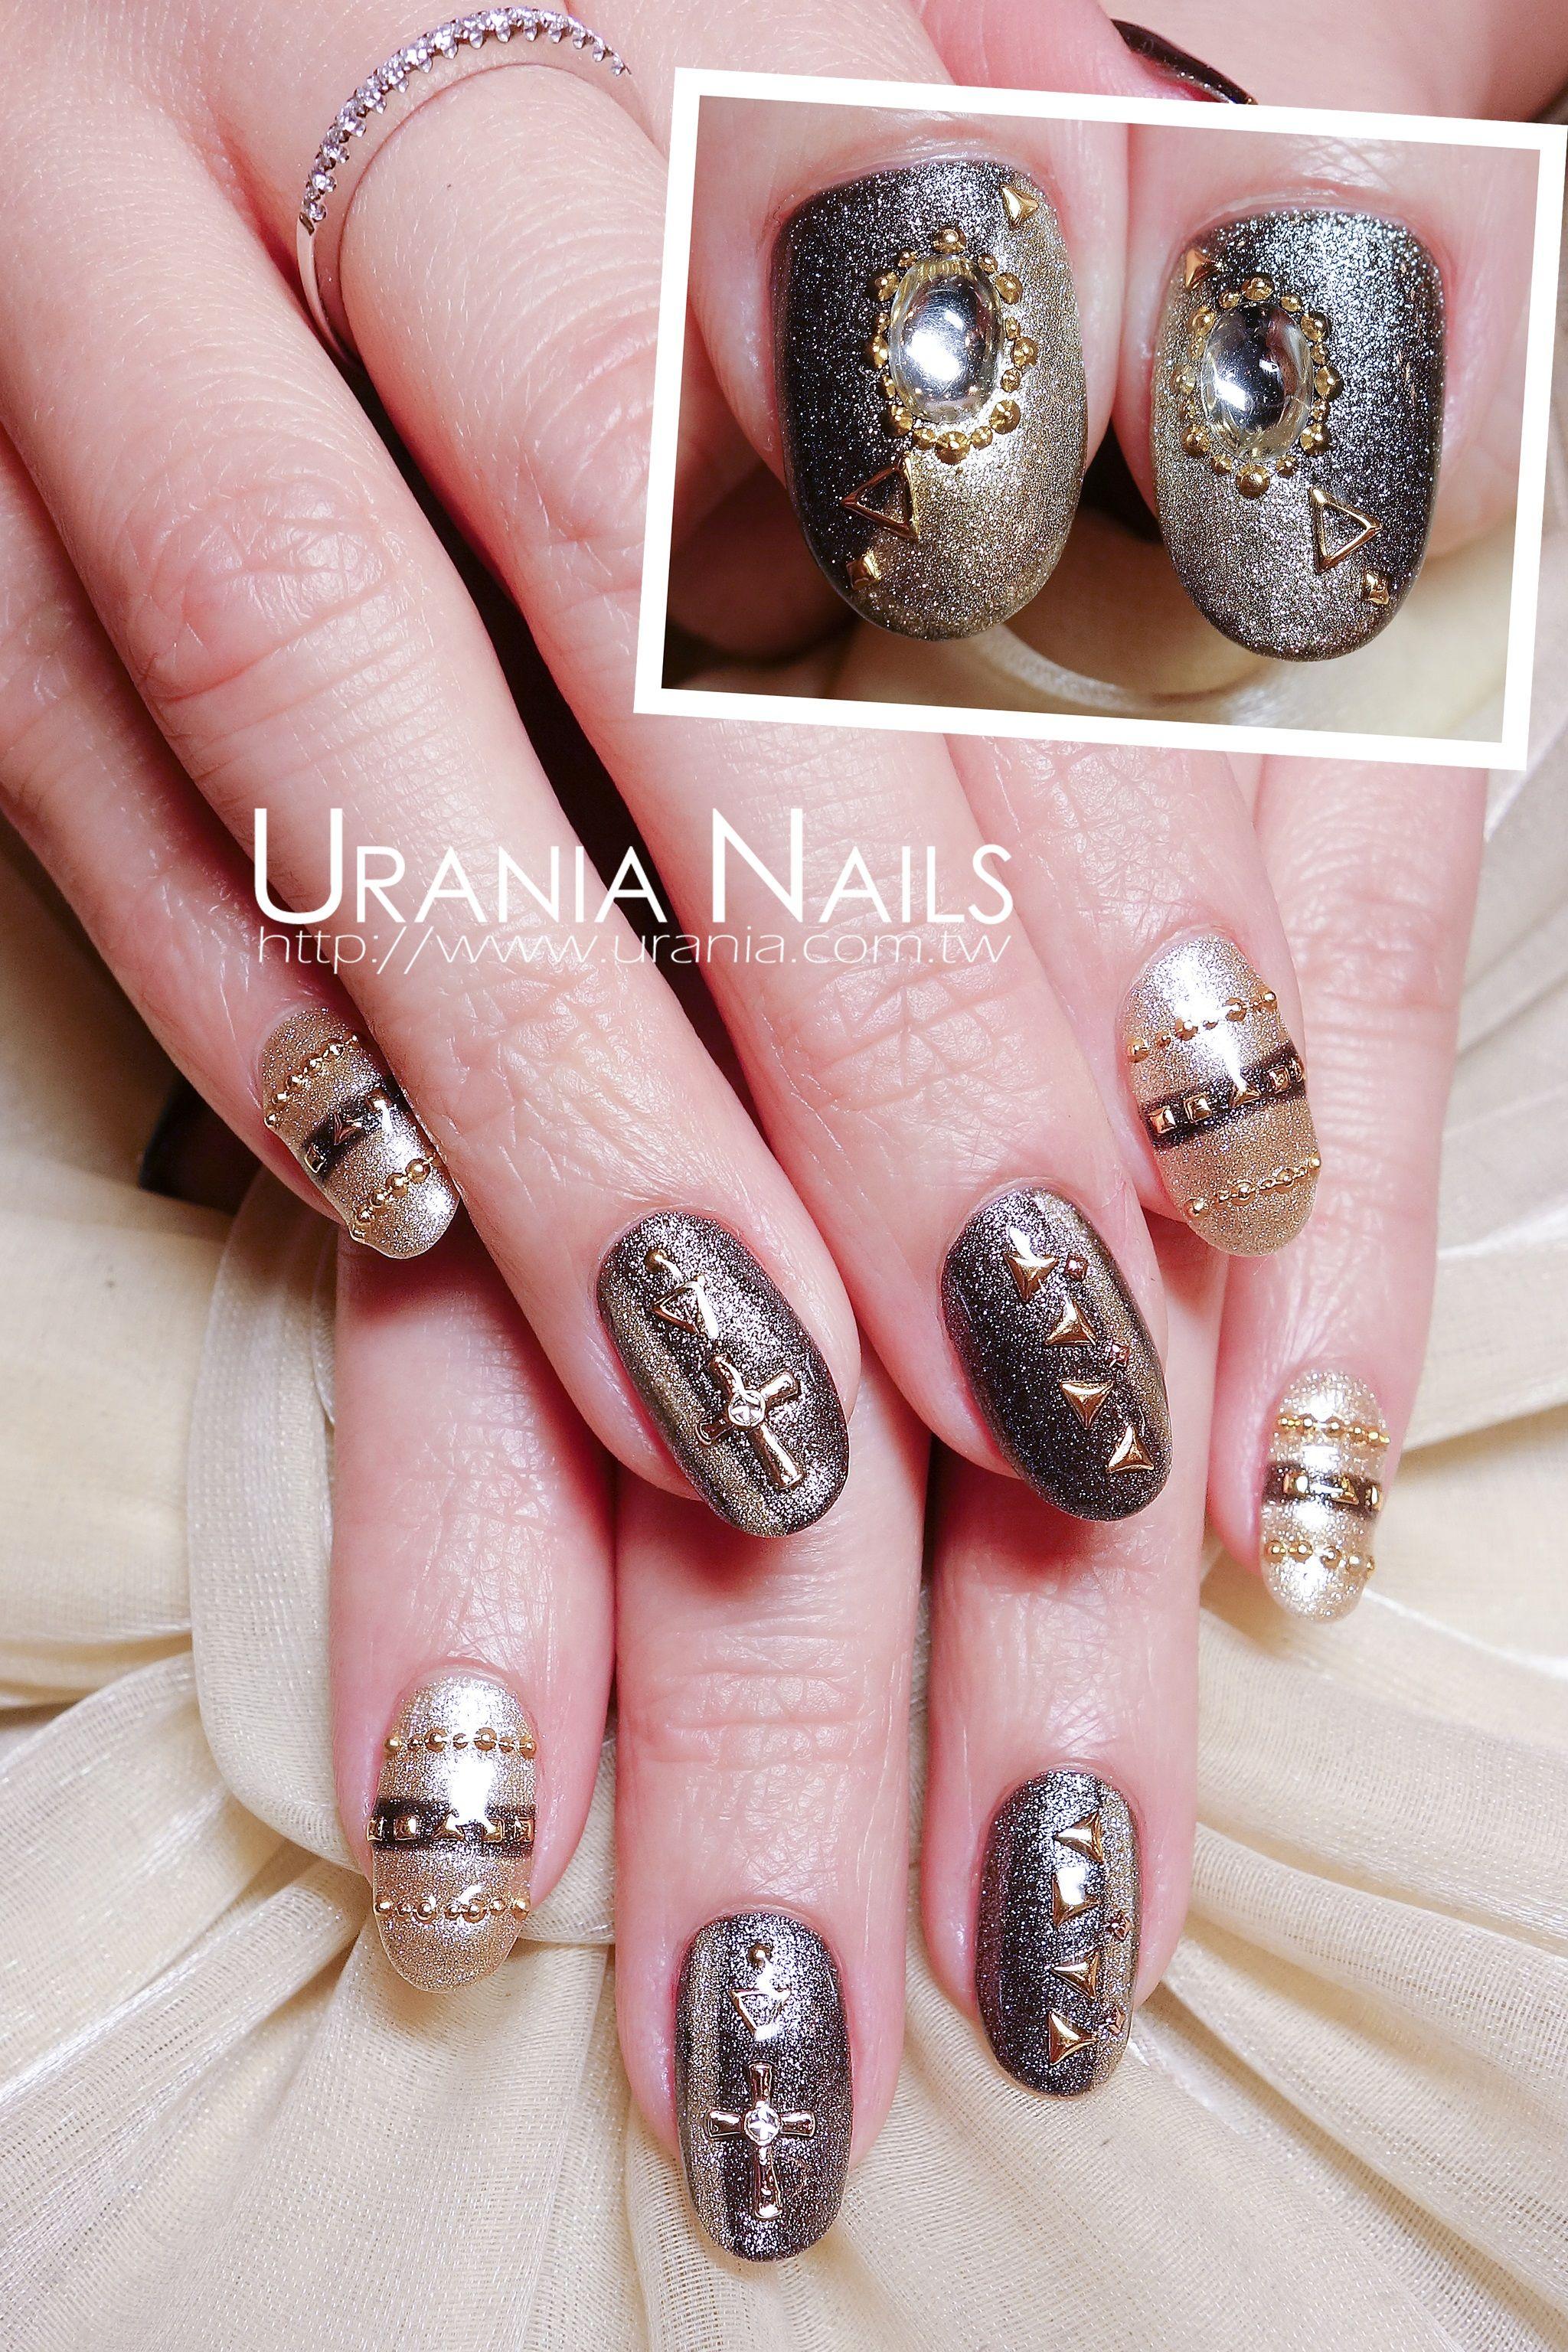 Urania Nails http://blog.urania.com.tw/?p=920 | Urania Nails Art ...